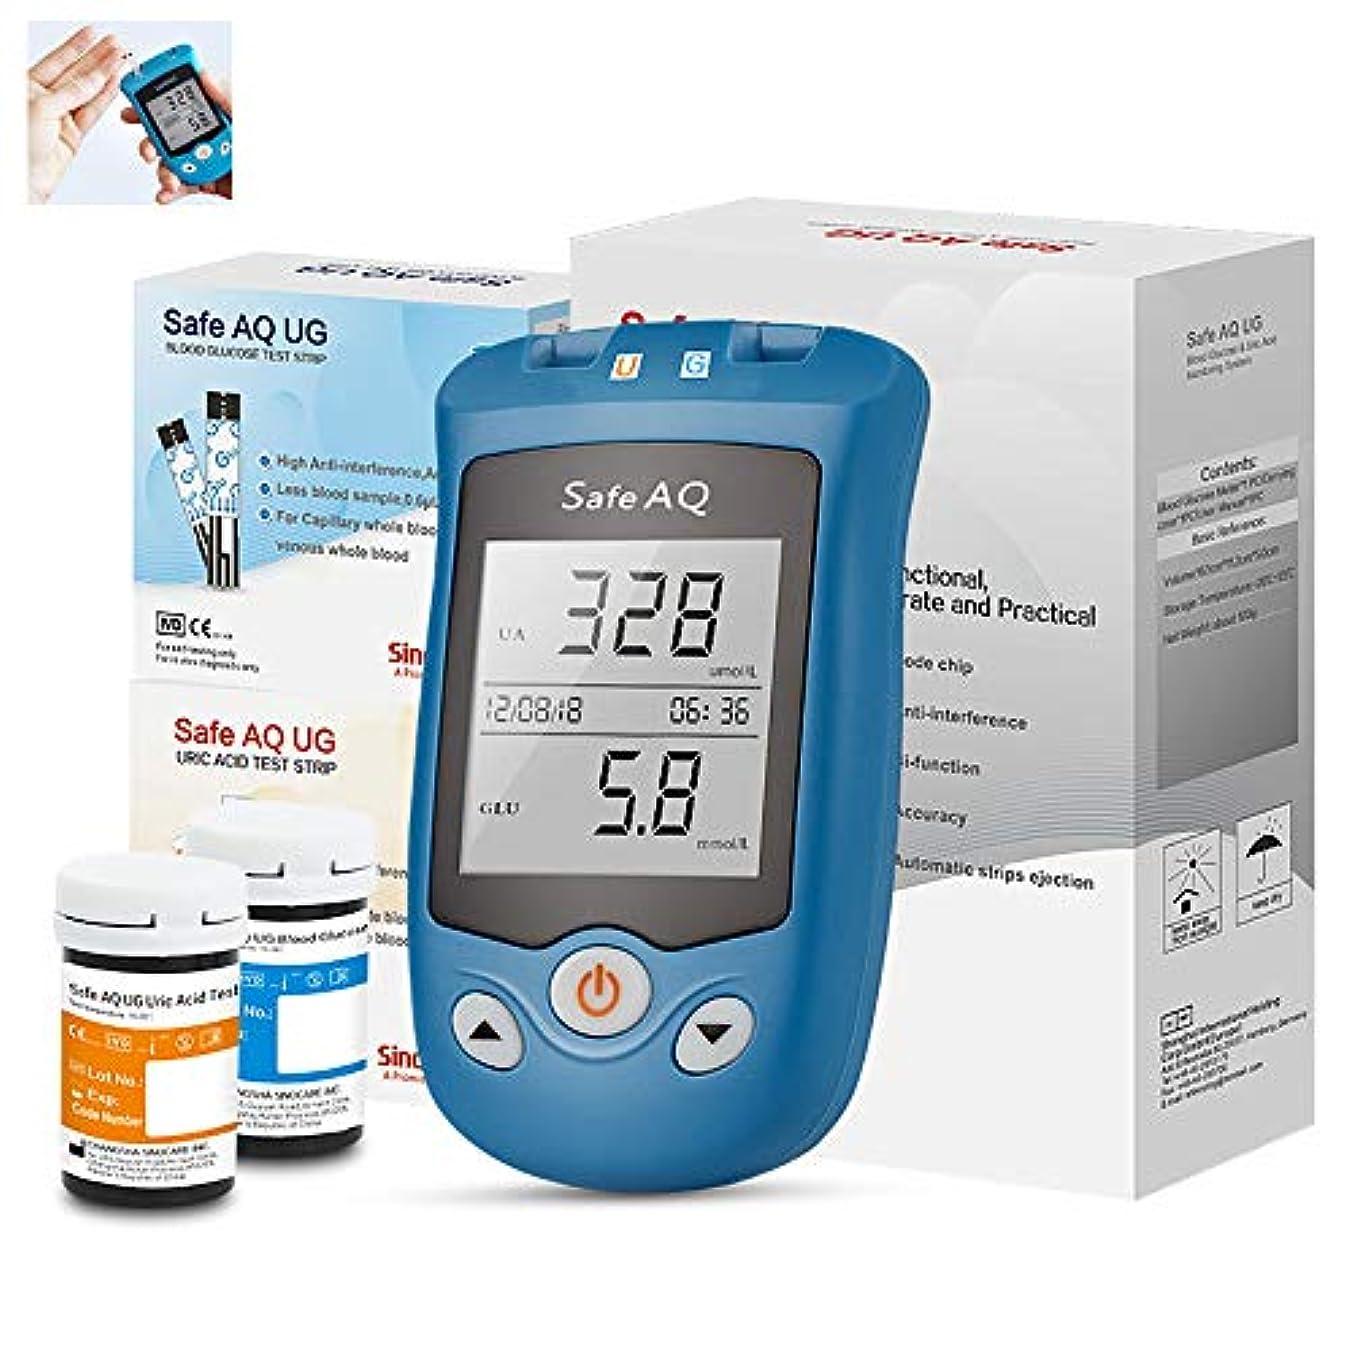 気難しいすごいシュート2-In-1血糖および尿酸計糖尿病の多機能テスト尿酸テスト50血糖テストストリップ+25尿酸テスト用紙+100ランセット